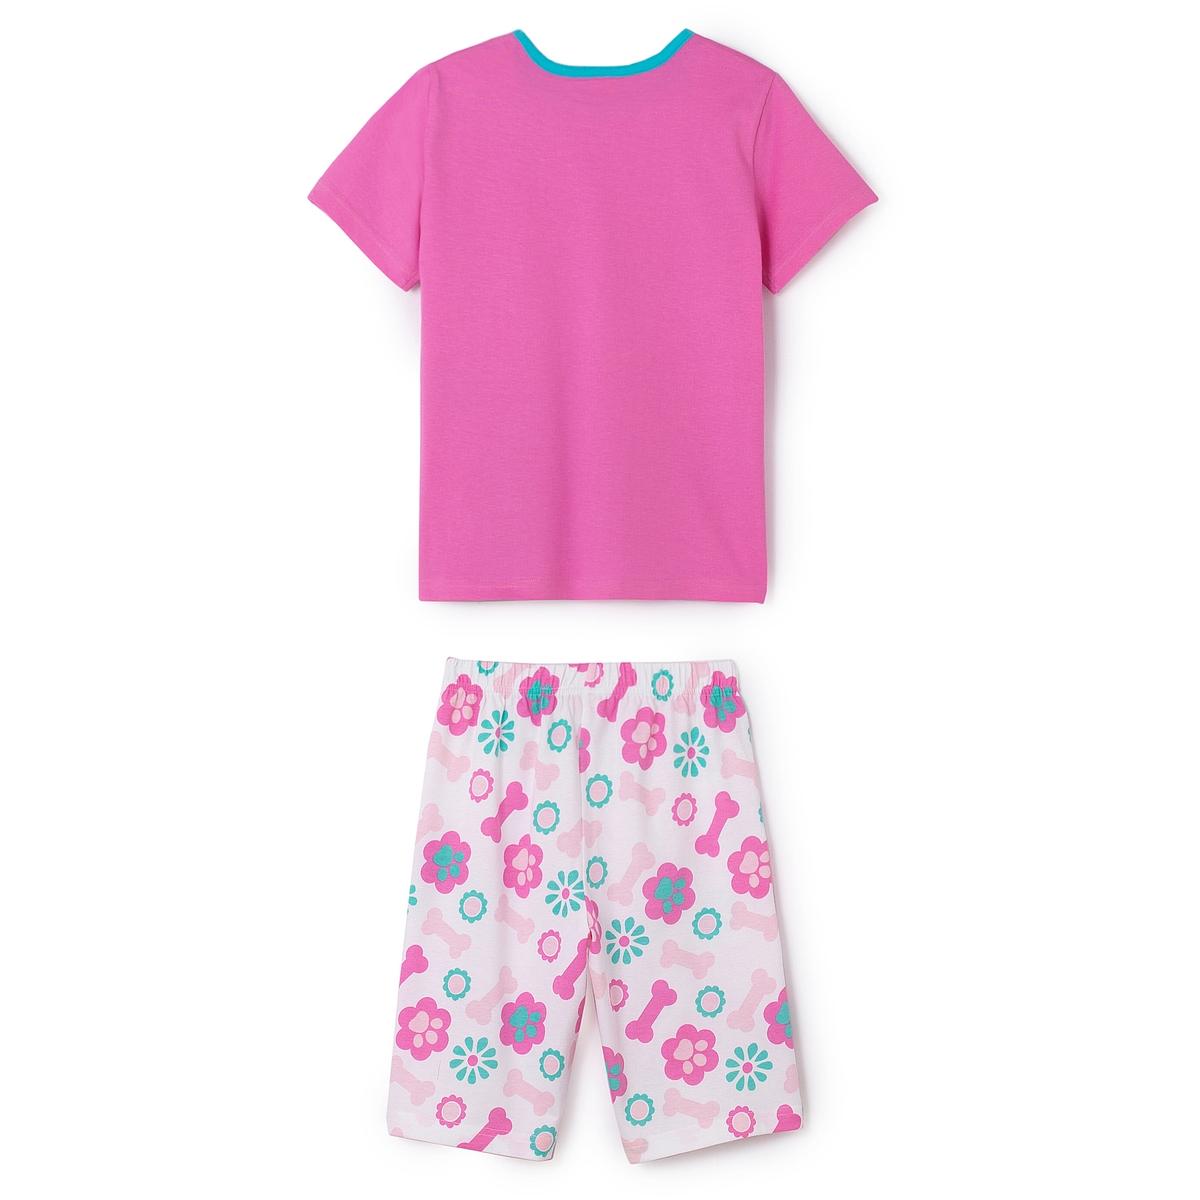 Пижама с шортами с рисунком для девочек, 2-8 летПижама с шортами для девочек PAT PATROUILLE. Футболка с круглым вырезом. Рисунок спереди. Шорты с эластичным поясом. Сплошной рисунок.                       Состав и описание                      Материал       100% хлопок           Марка       PAT PATROUILLE                                  Уход           Стирать и гладить с изнаночной стороны           Машинная стирка при 30 °C в умеренном режиме с вещами схожих цветов           Машинная сушка в умеренном режиме           Гладить при низкой температуре<br><br>Цвет: розовый + рисунок<br>Размер: 2 года - 86 см.6 лет - 114 см